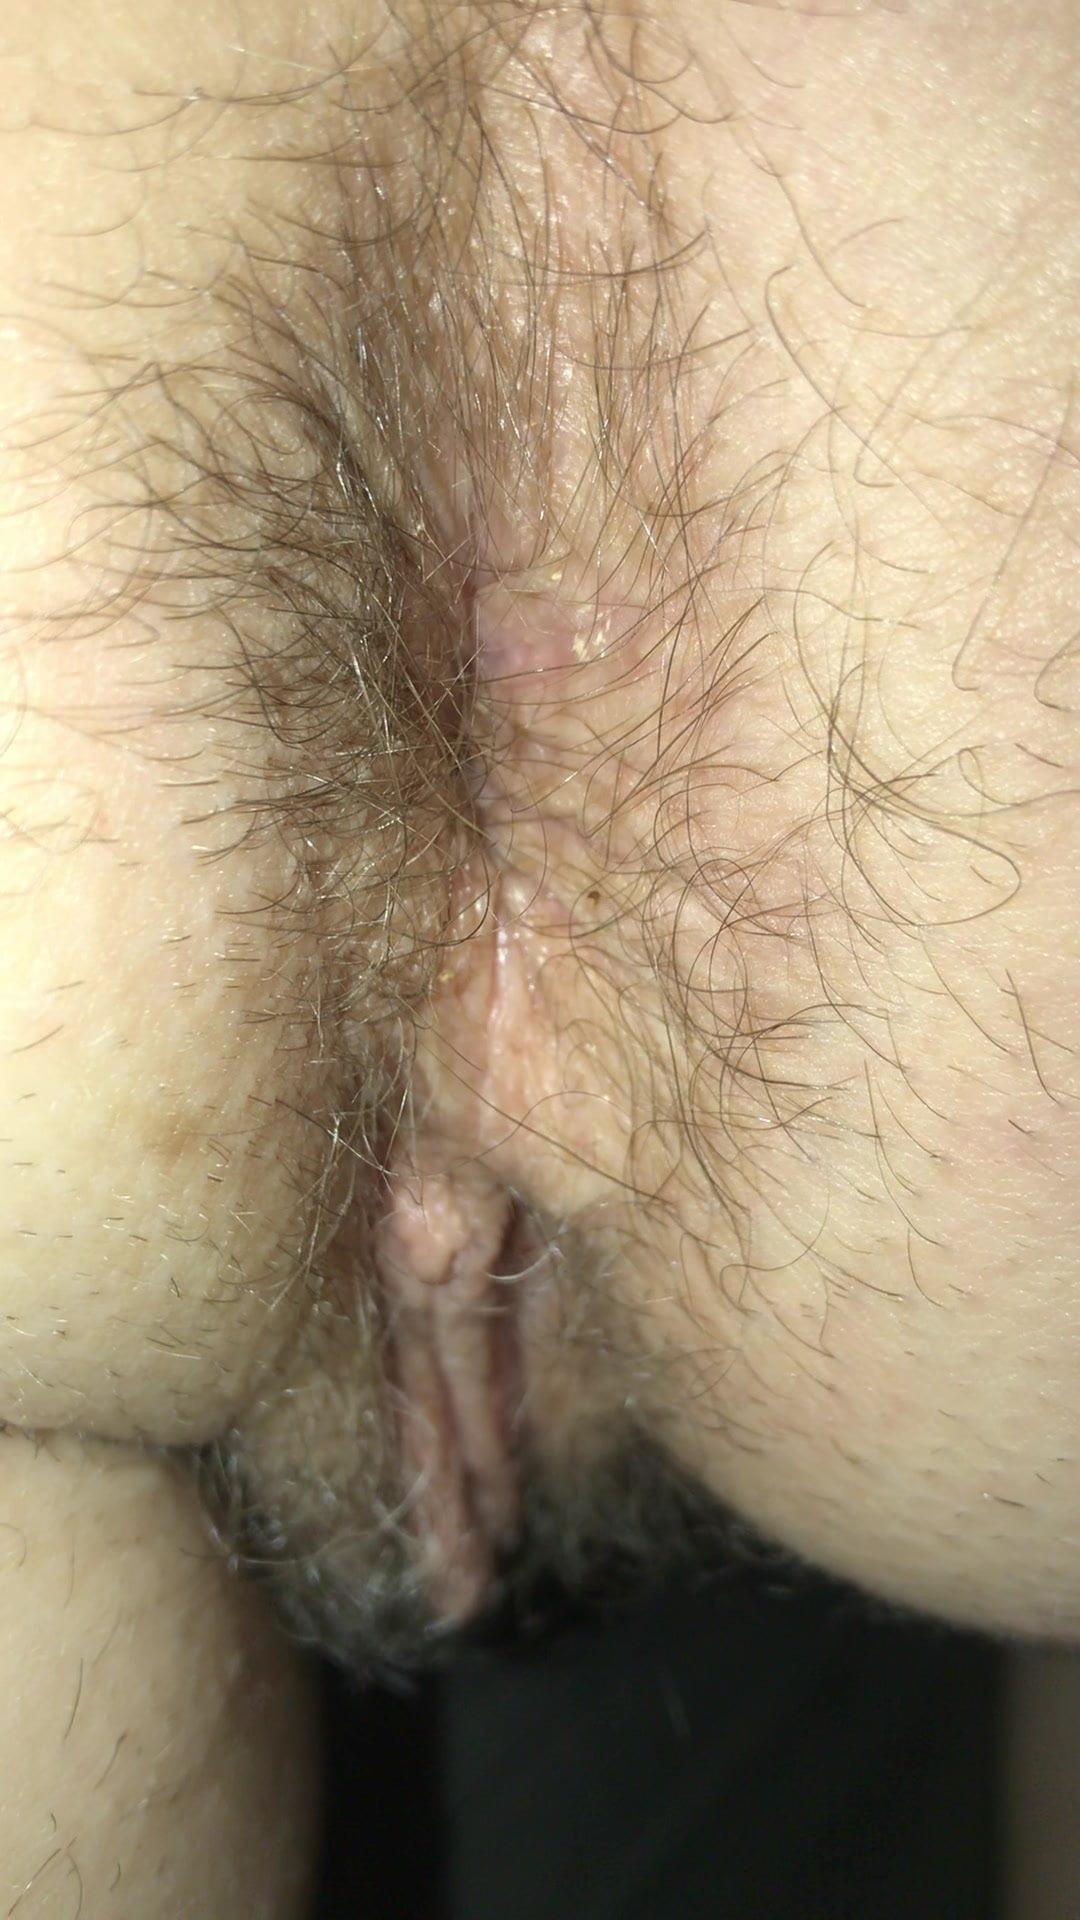 Hairy Milf Ass Close-Up Pt 2, Free Hairy Ass Milf Hd Porn F0-3953